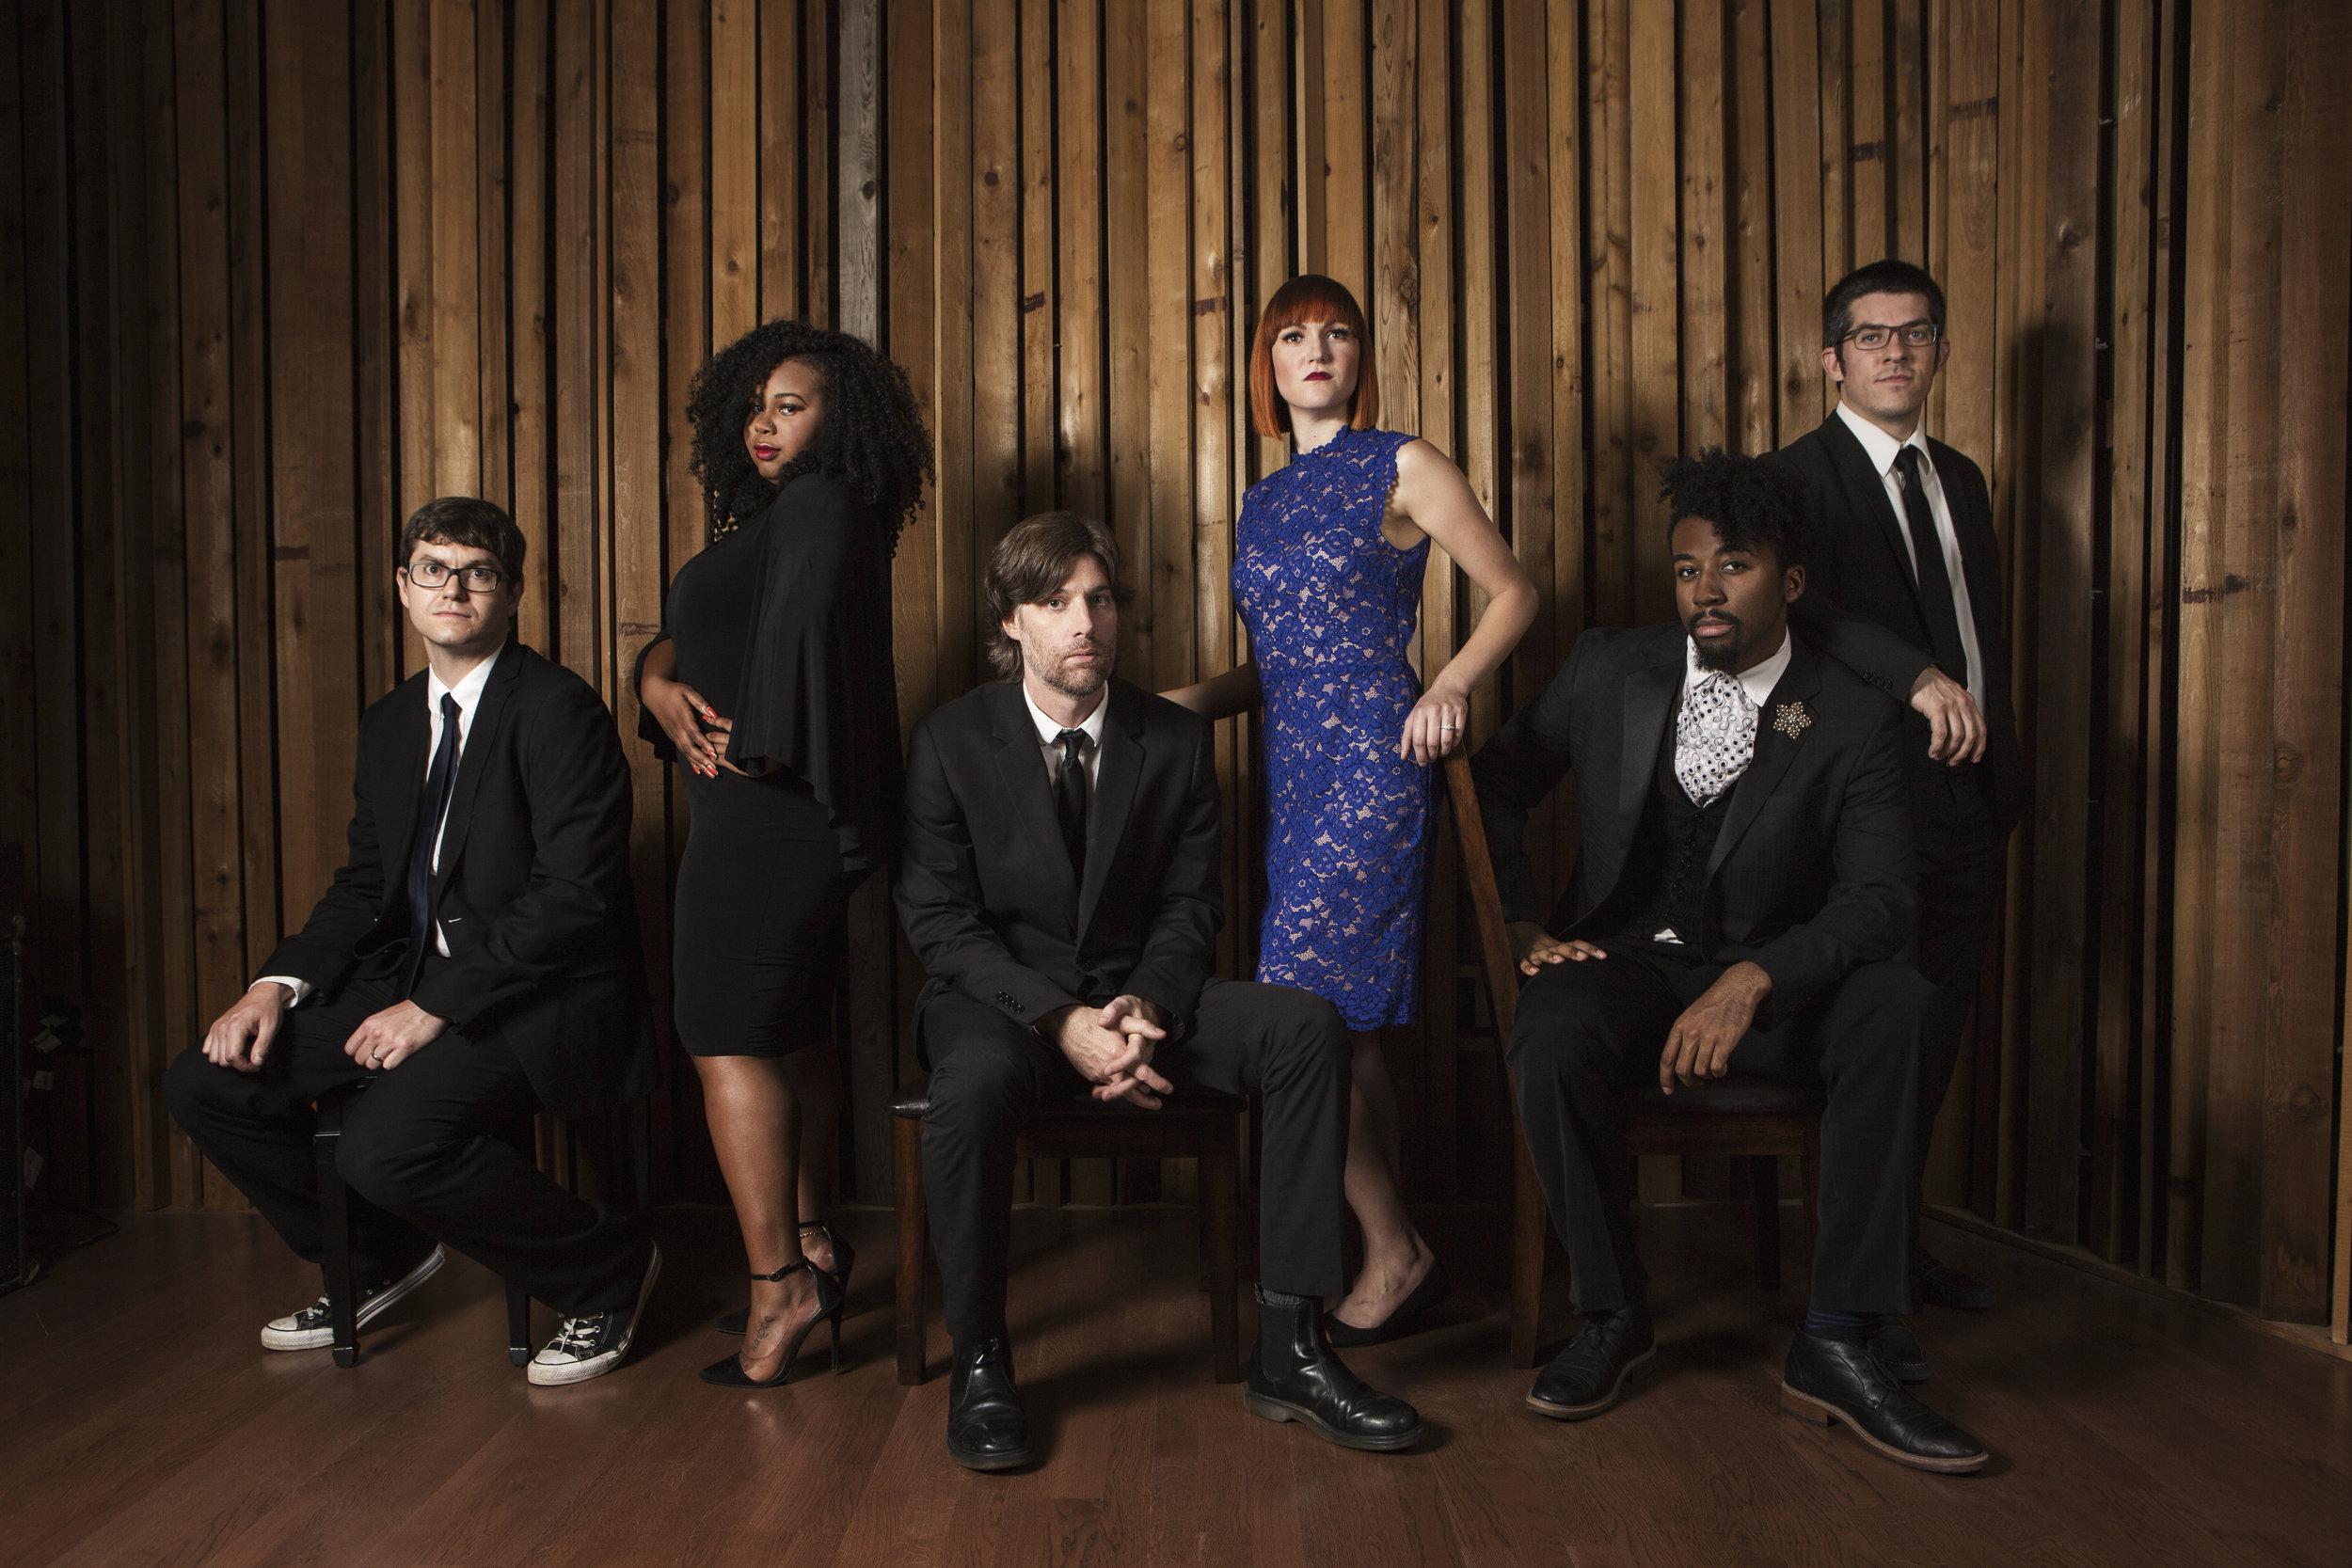 From left: Ryan, Brianna, Ben, Kara, Dominique, Jerry